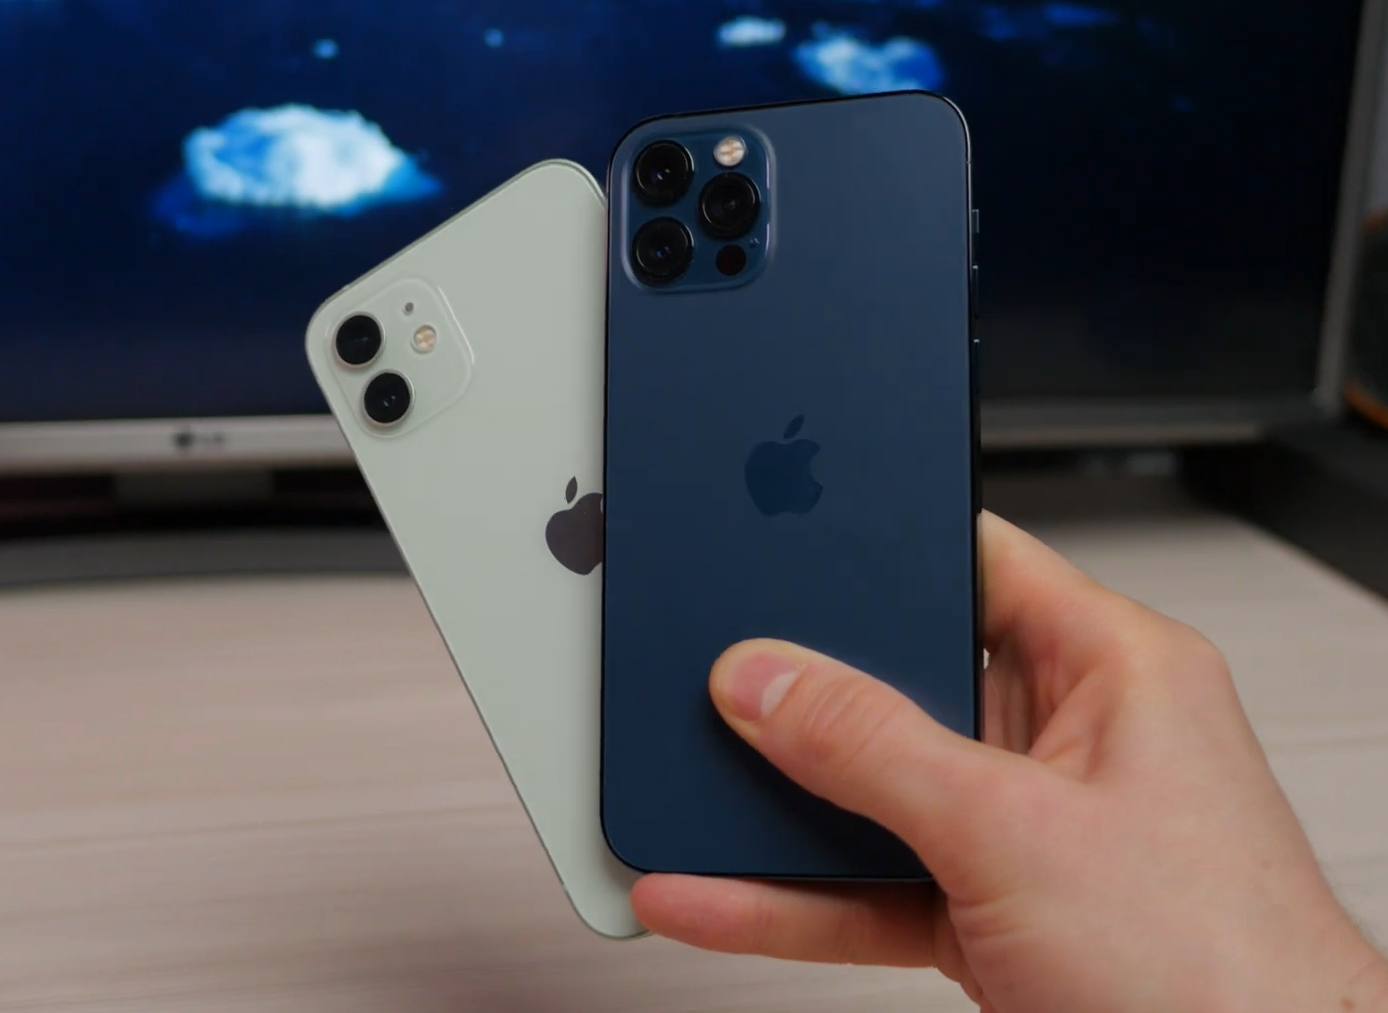 У iPhone 12 и iPhone 12 Pro проблемы со звуком: Apple знает об этом и бесплатно отремонтирует ваш смартфон